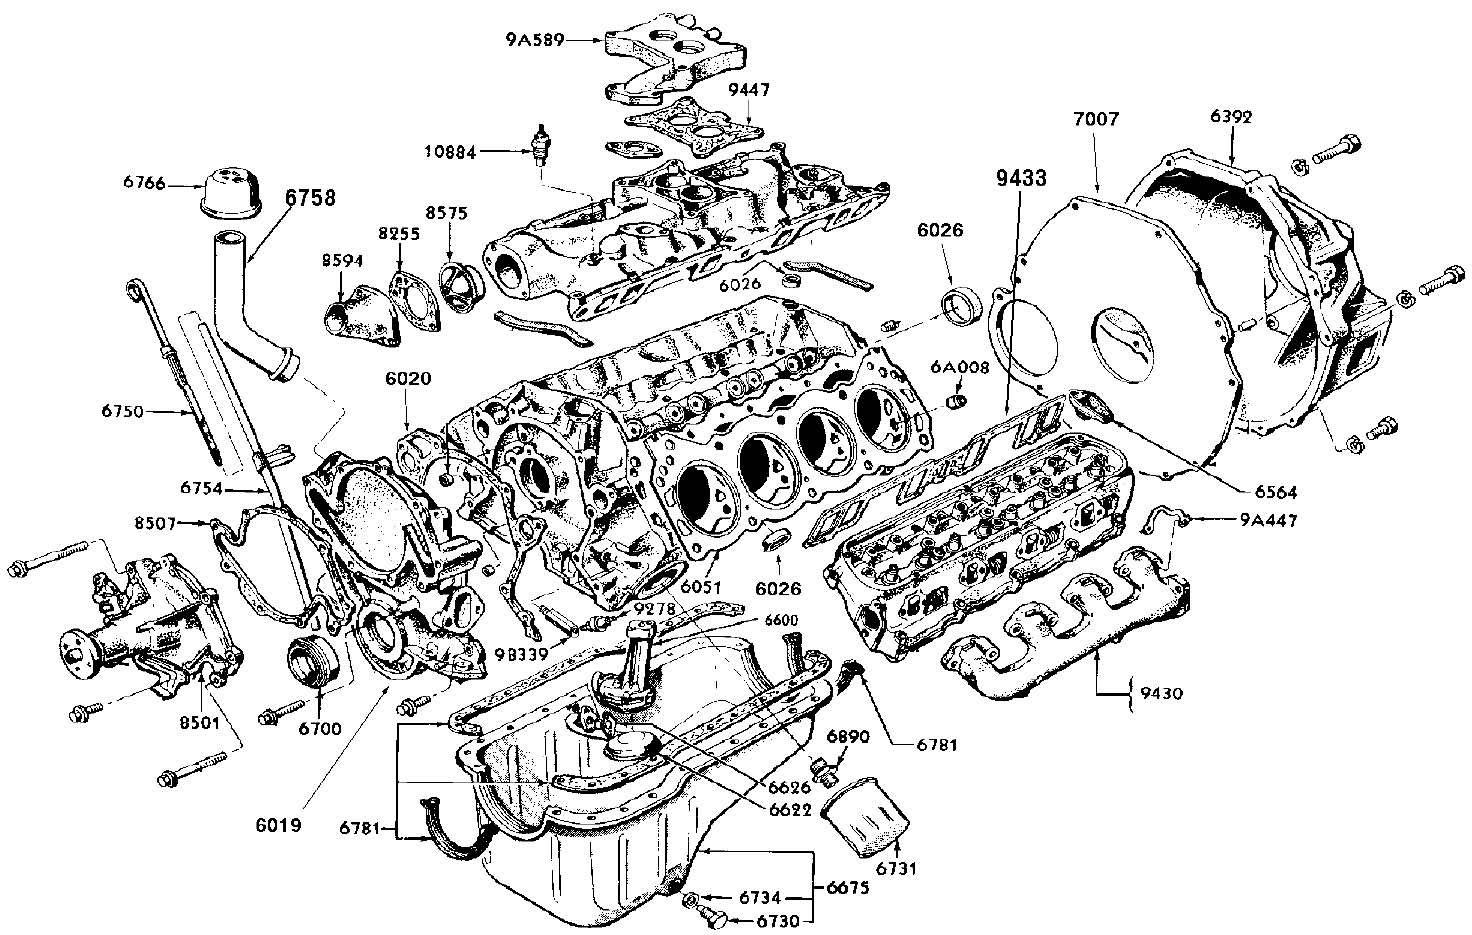 Ford Small Block gen. II